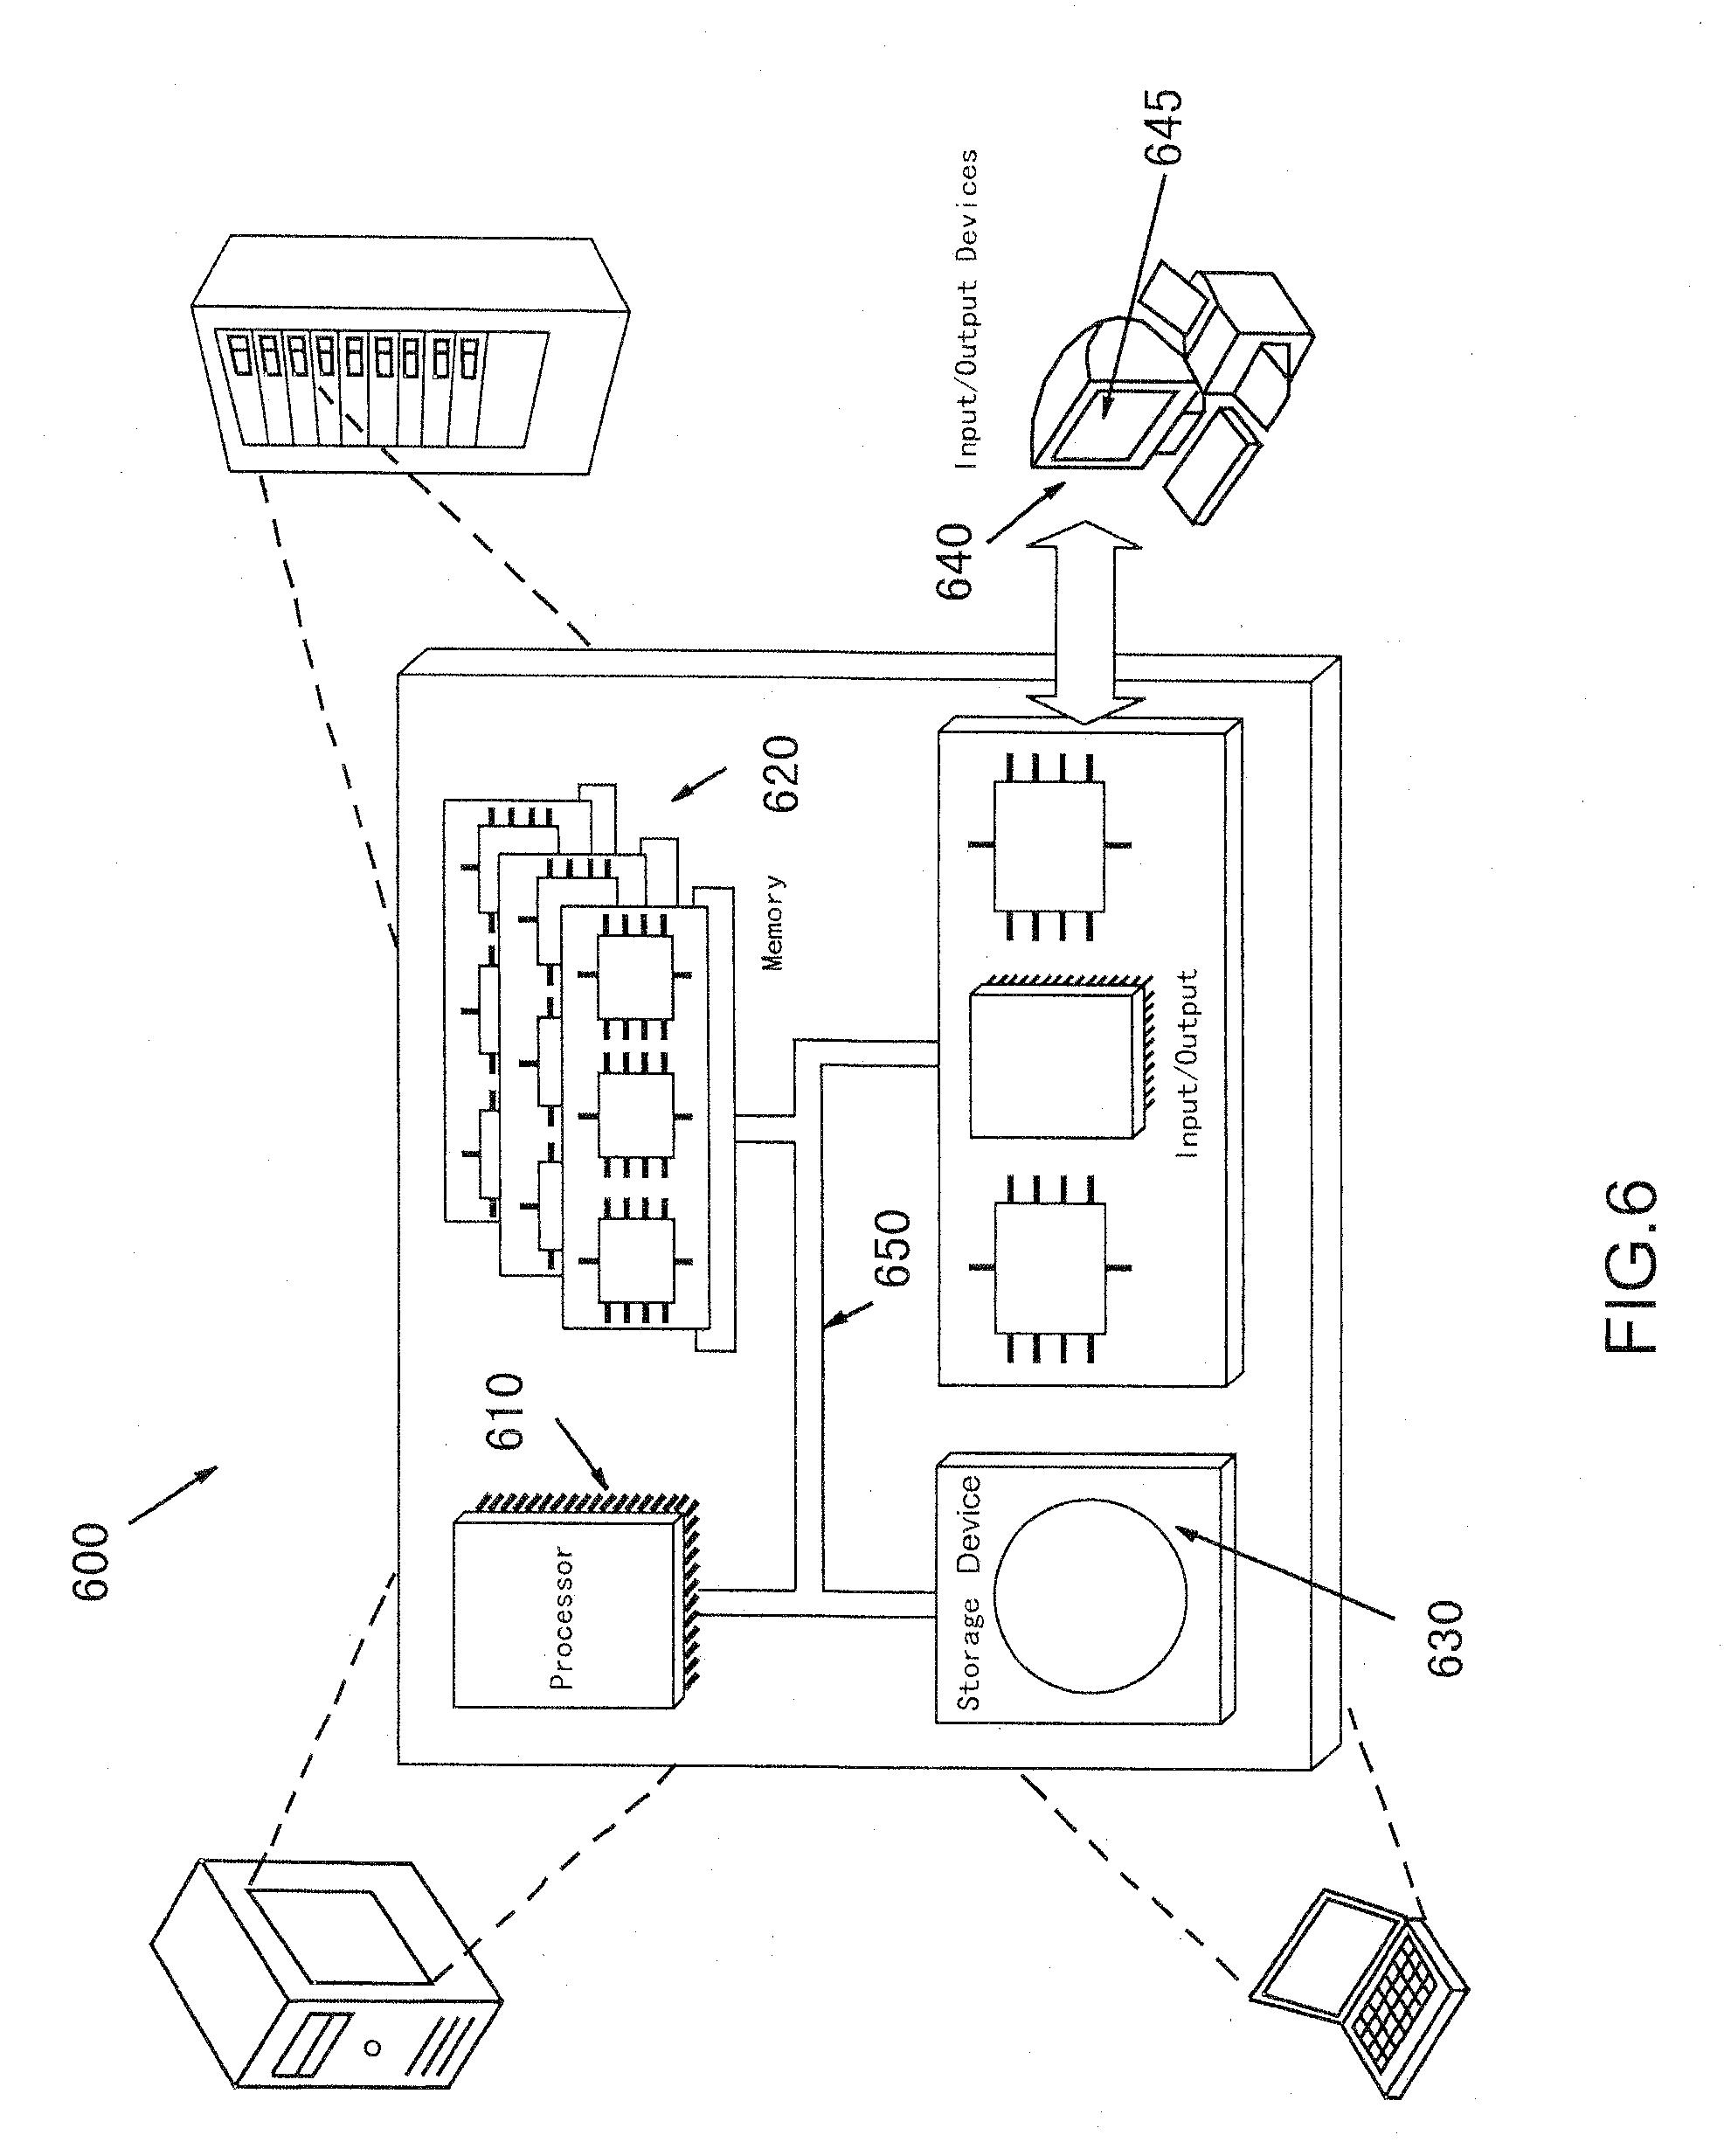 D ball 2 wiring diagram